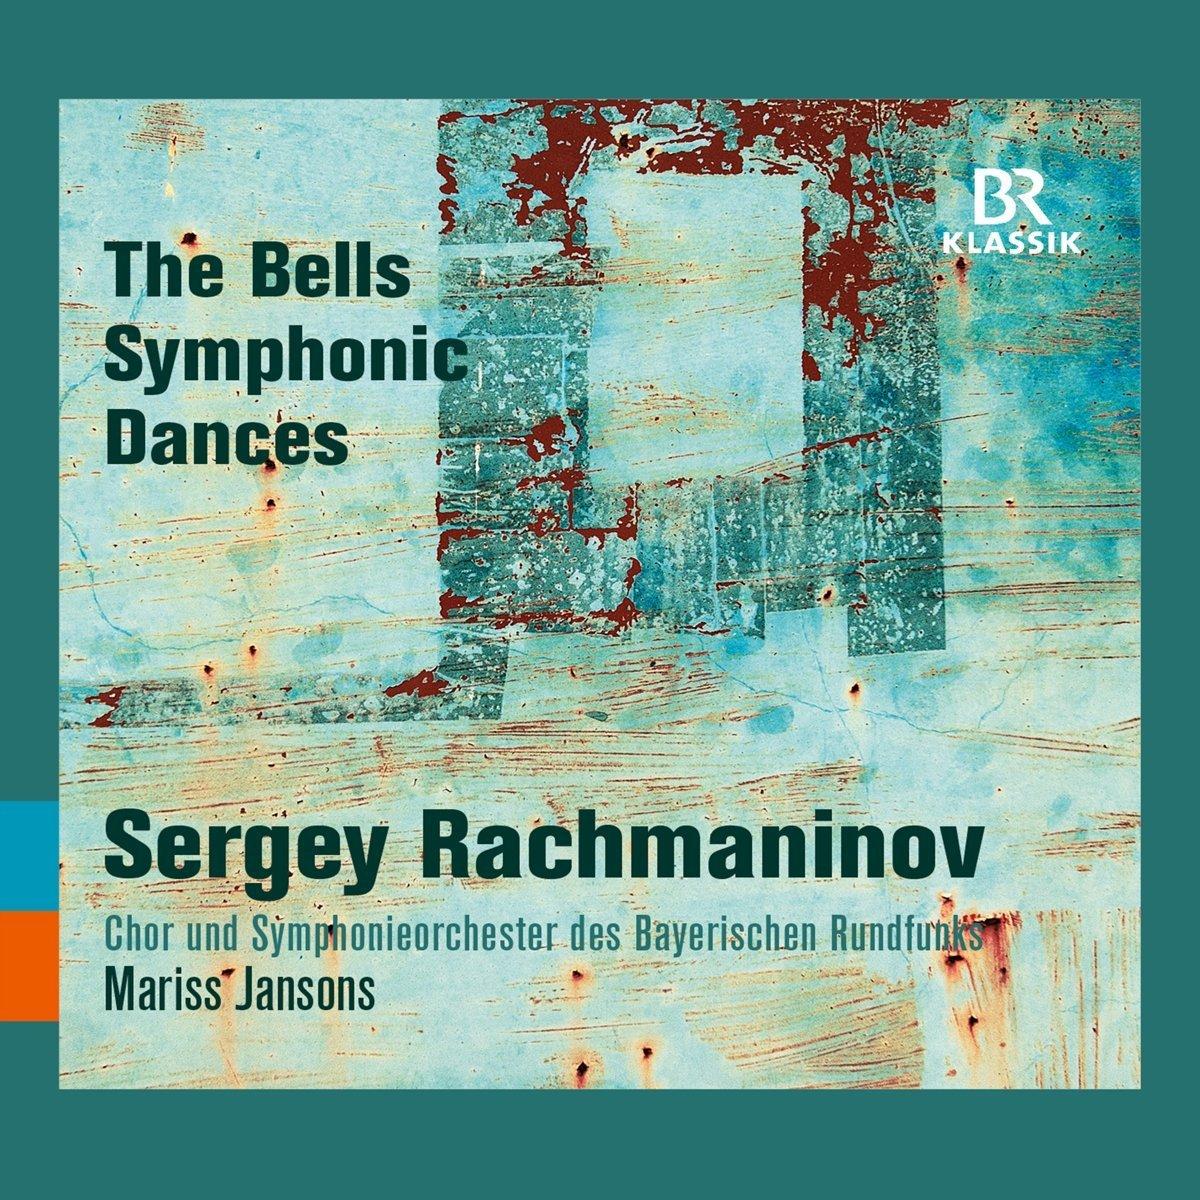 Mariss Jansons zeigt Rachmaninov auf der Höhe seiner Schaffenskraft